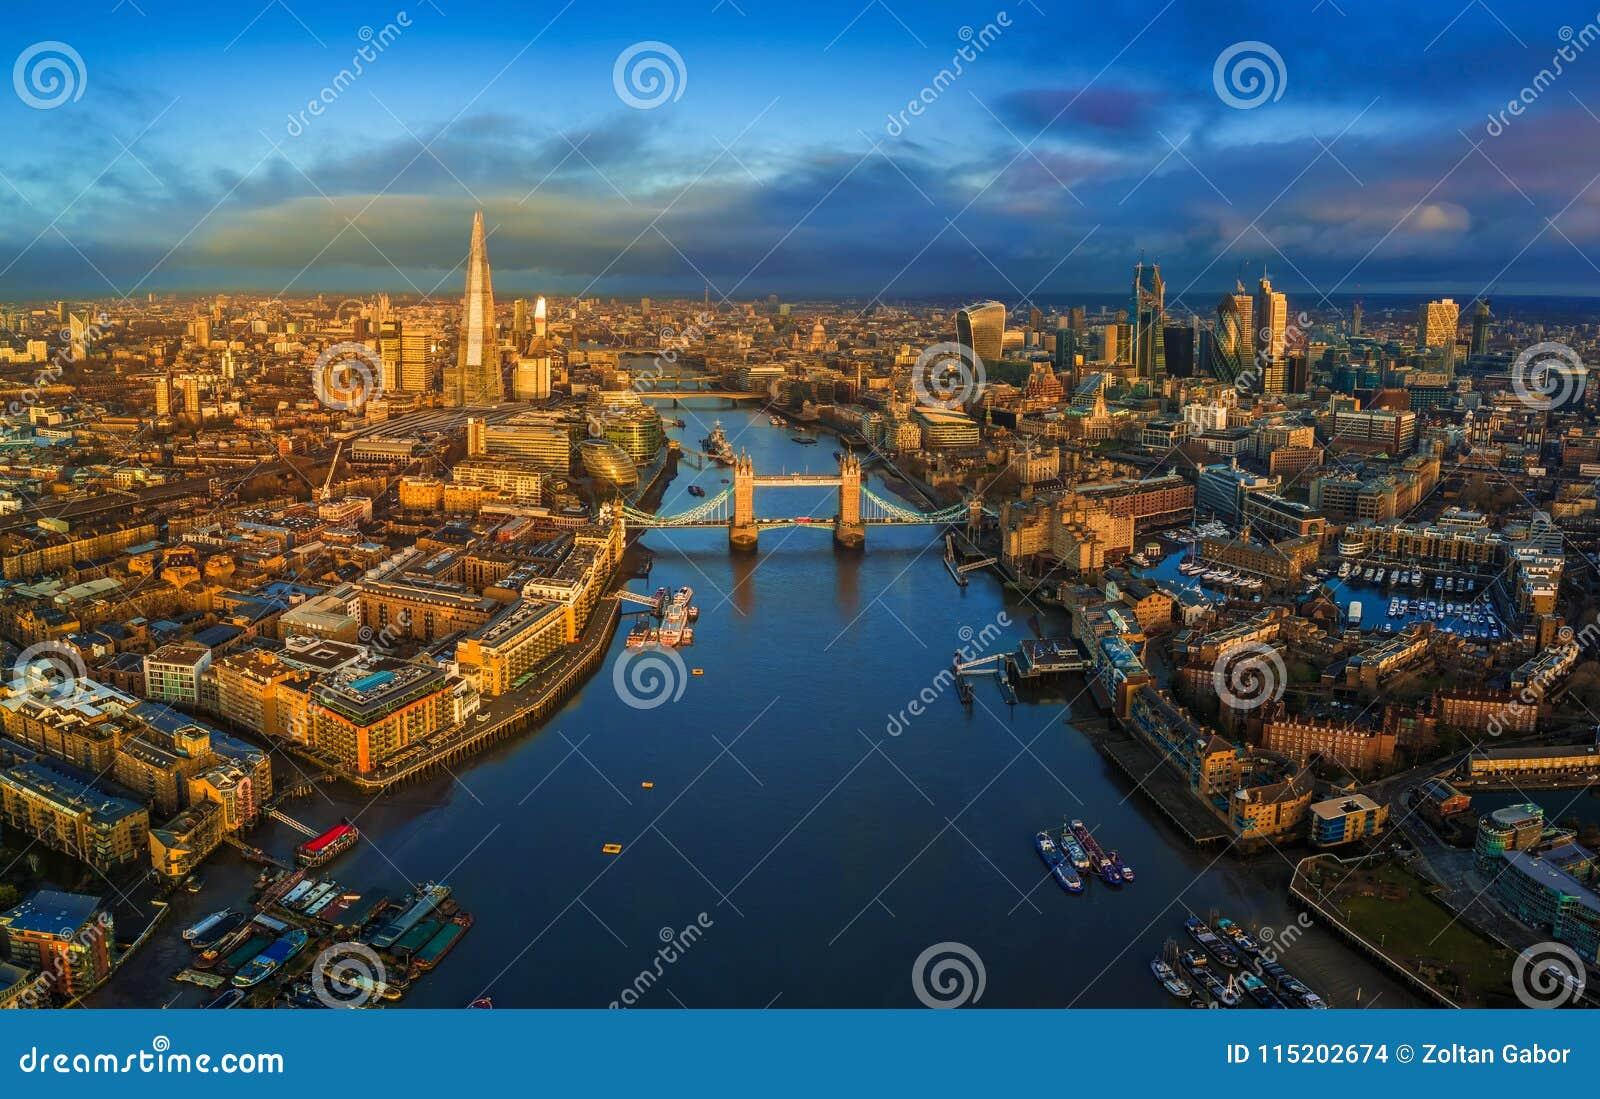 Londres, Angleterre - vue aérienne panoramique d horizon de Londres comprenant le pont iconique de tour avec l autobus à impérial